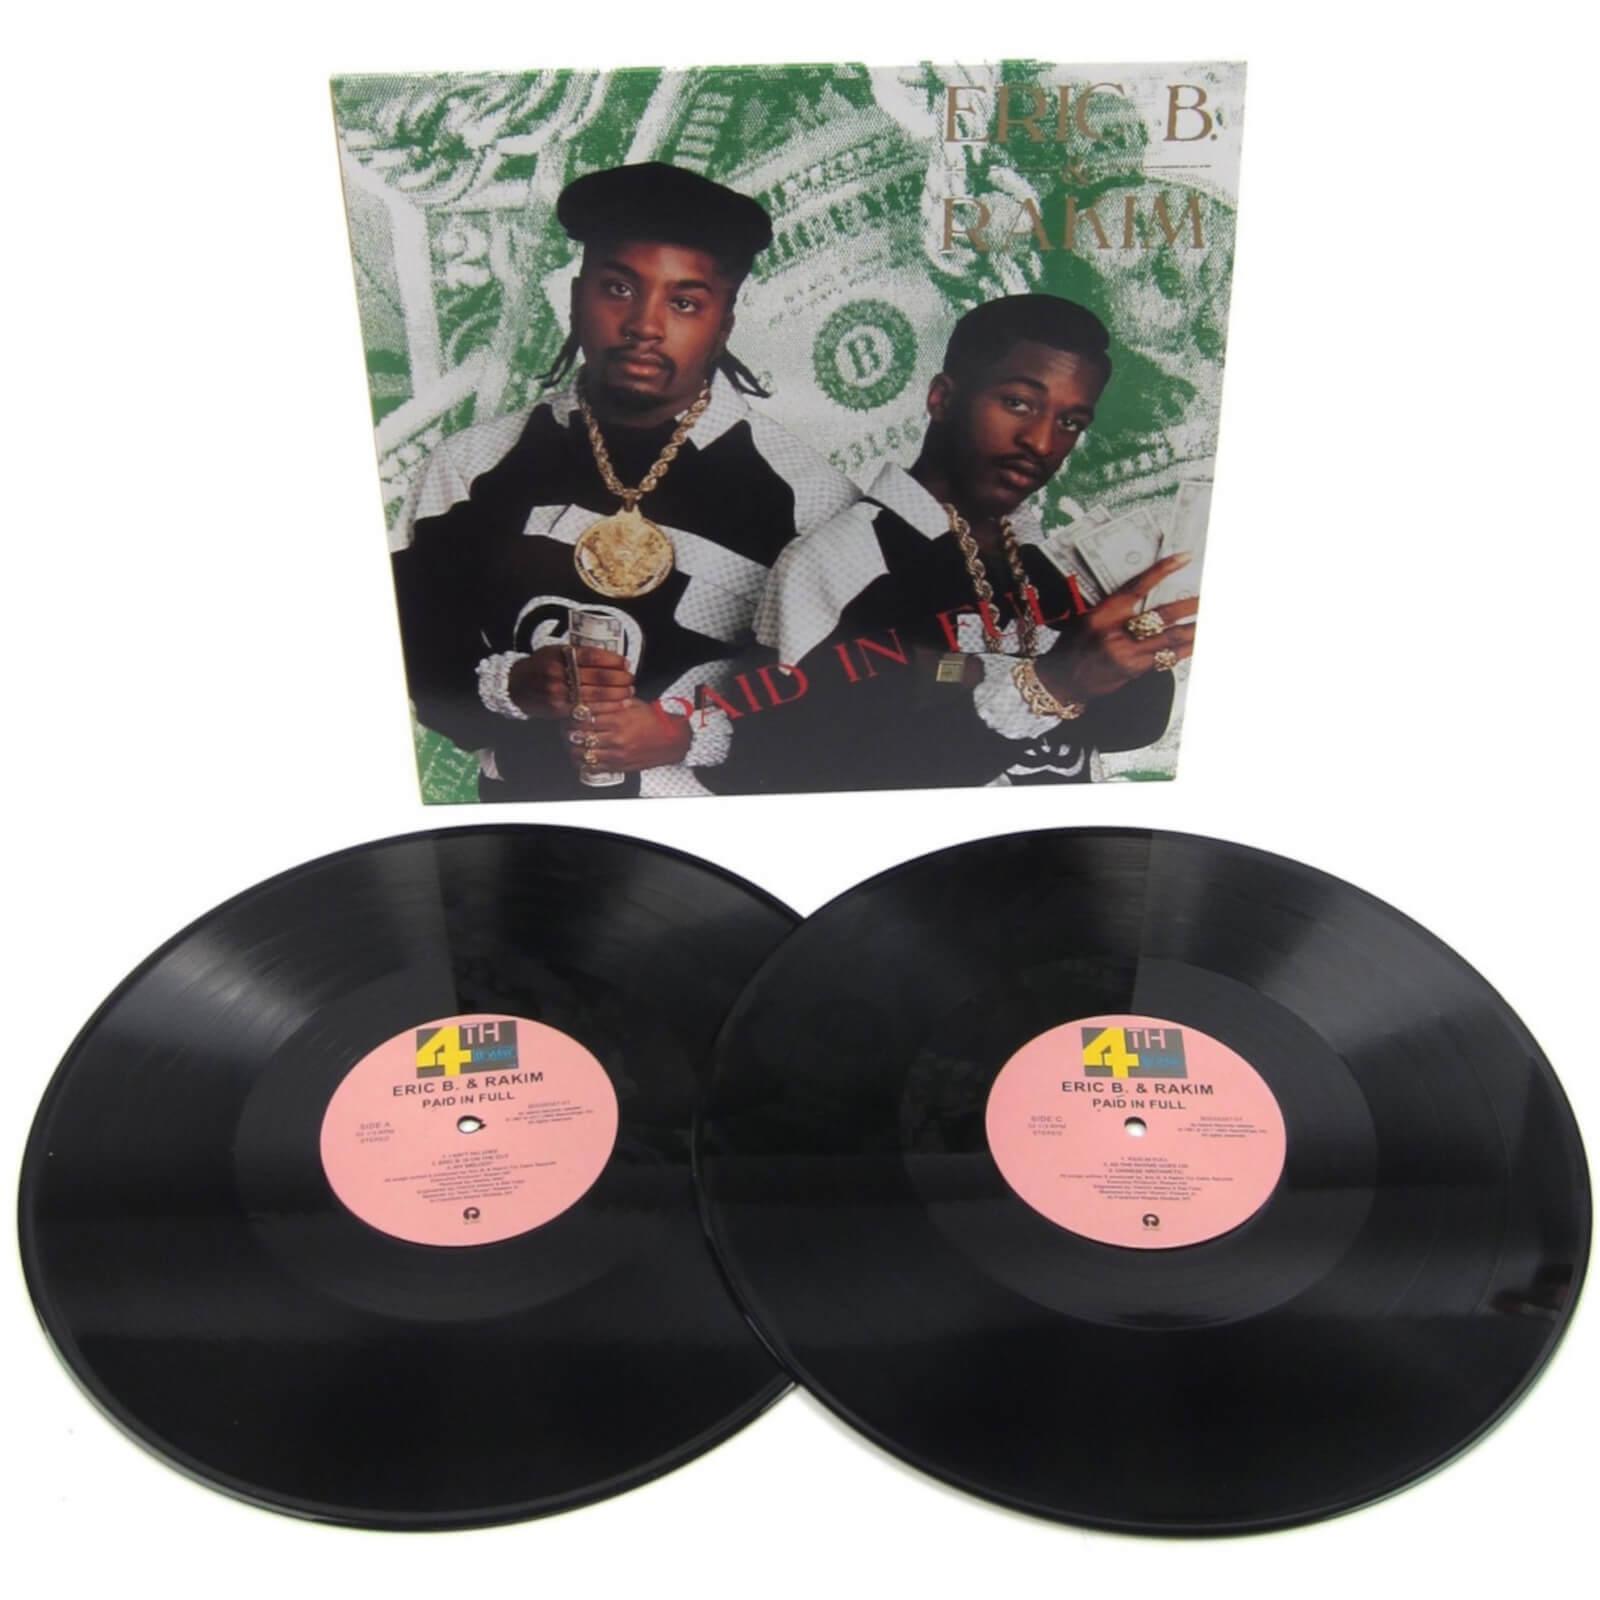 Eric B  & Rakim - Paid In Full LP Set